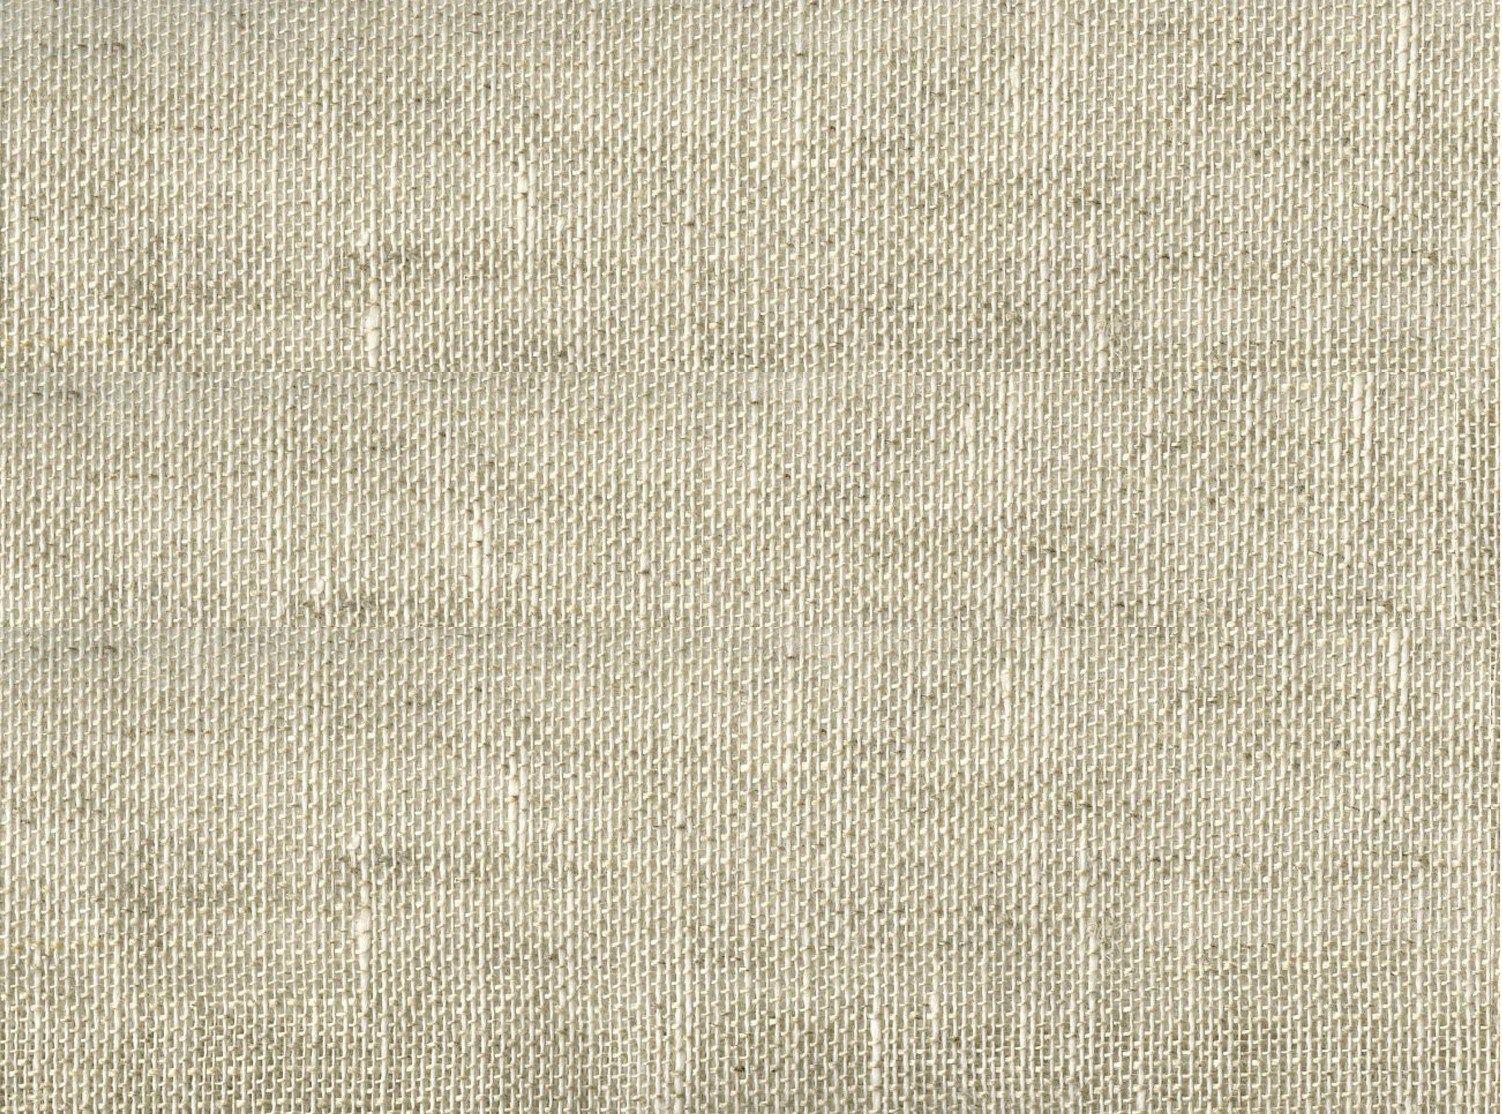 Tessuto a tinta unita in lino LUNGARNO by KOHRO